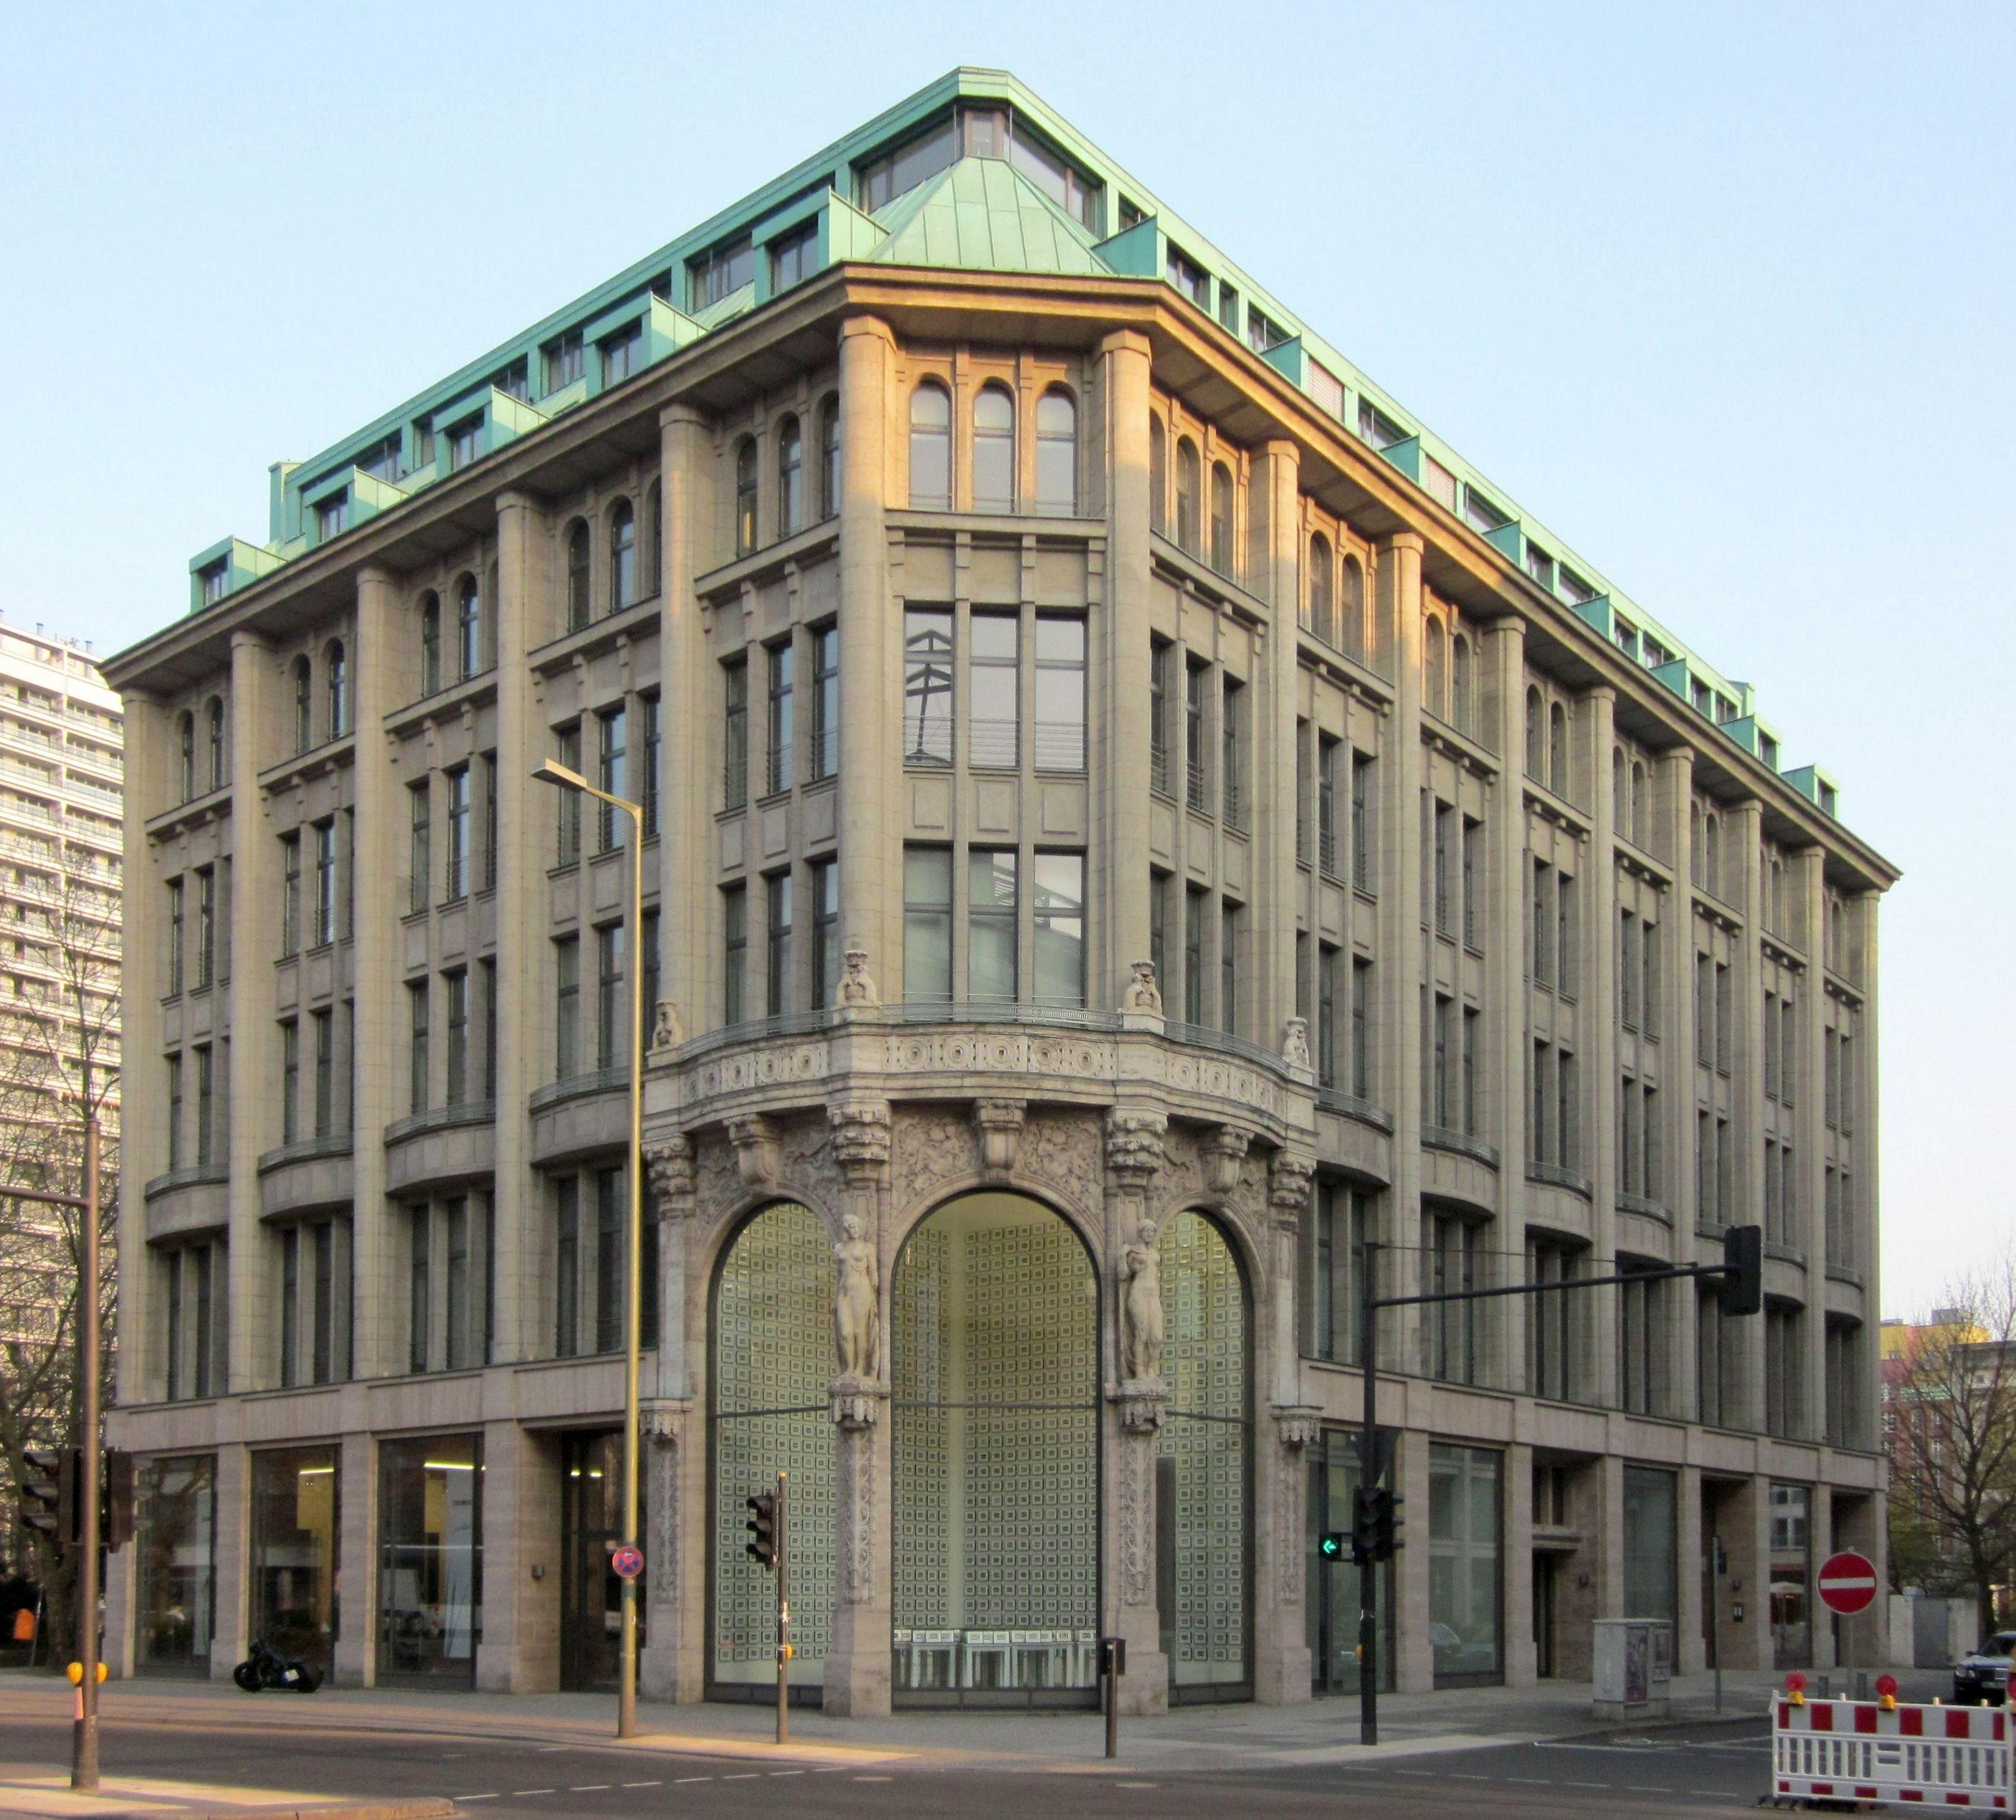 Hermann Muthesius Tuteur Haus Berlin History